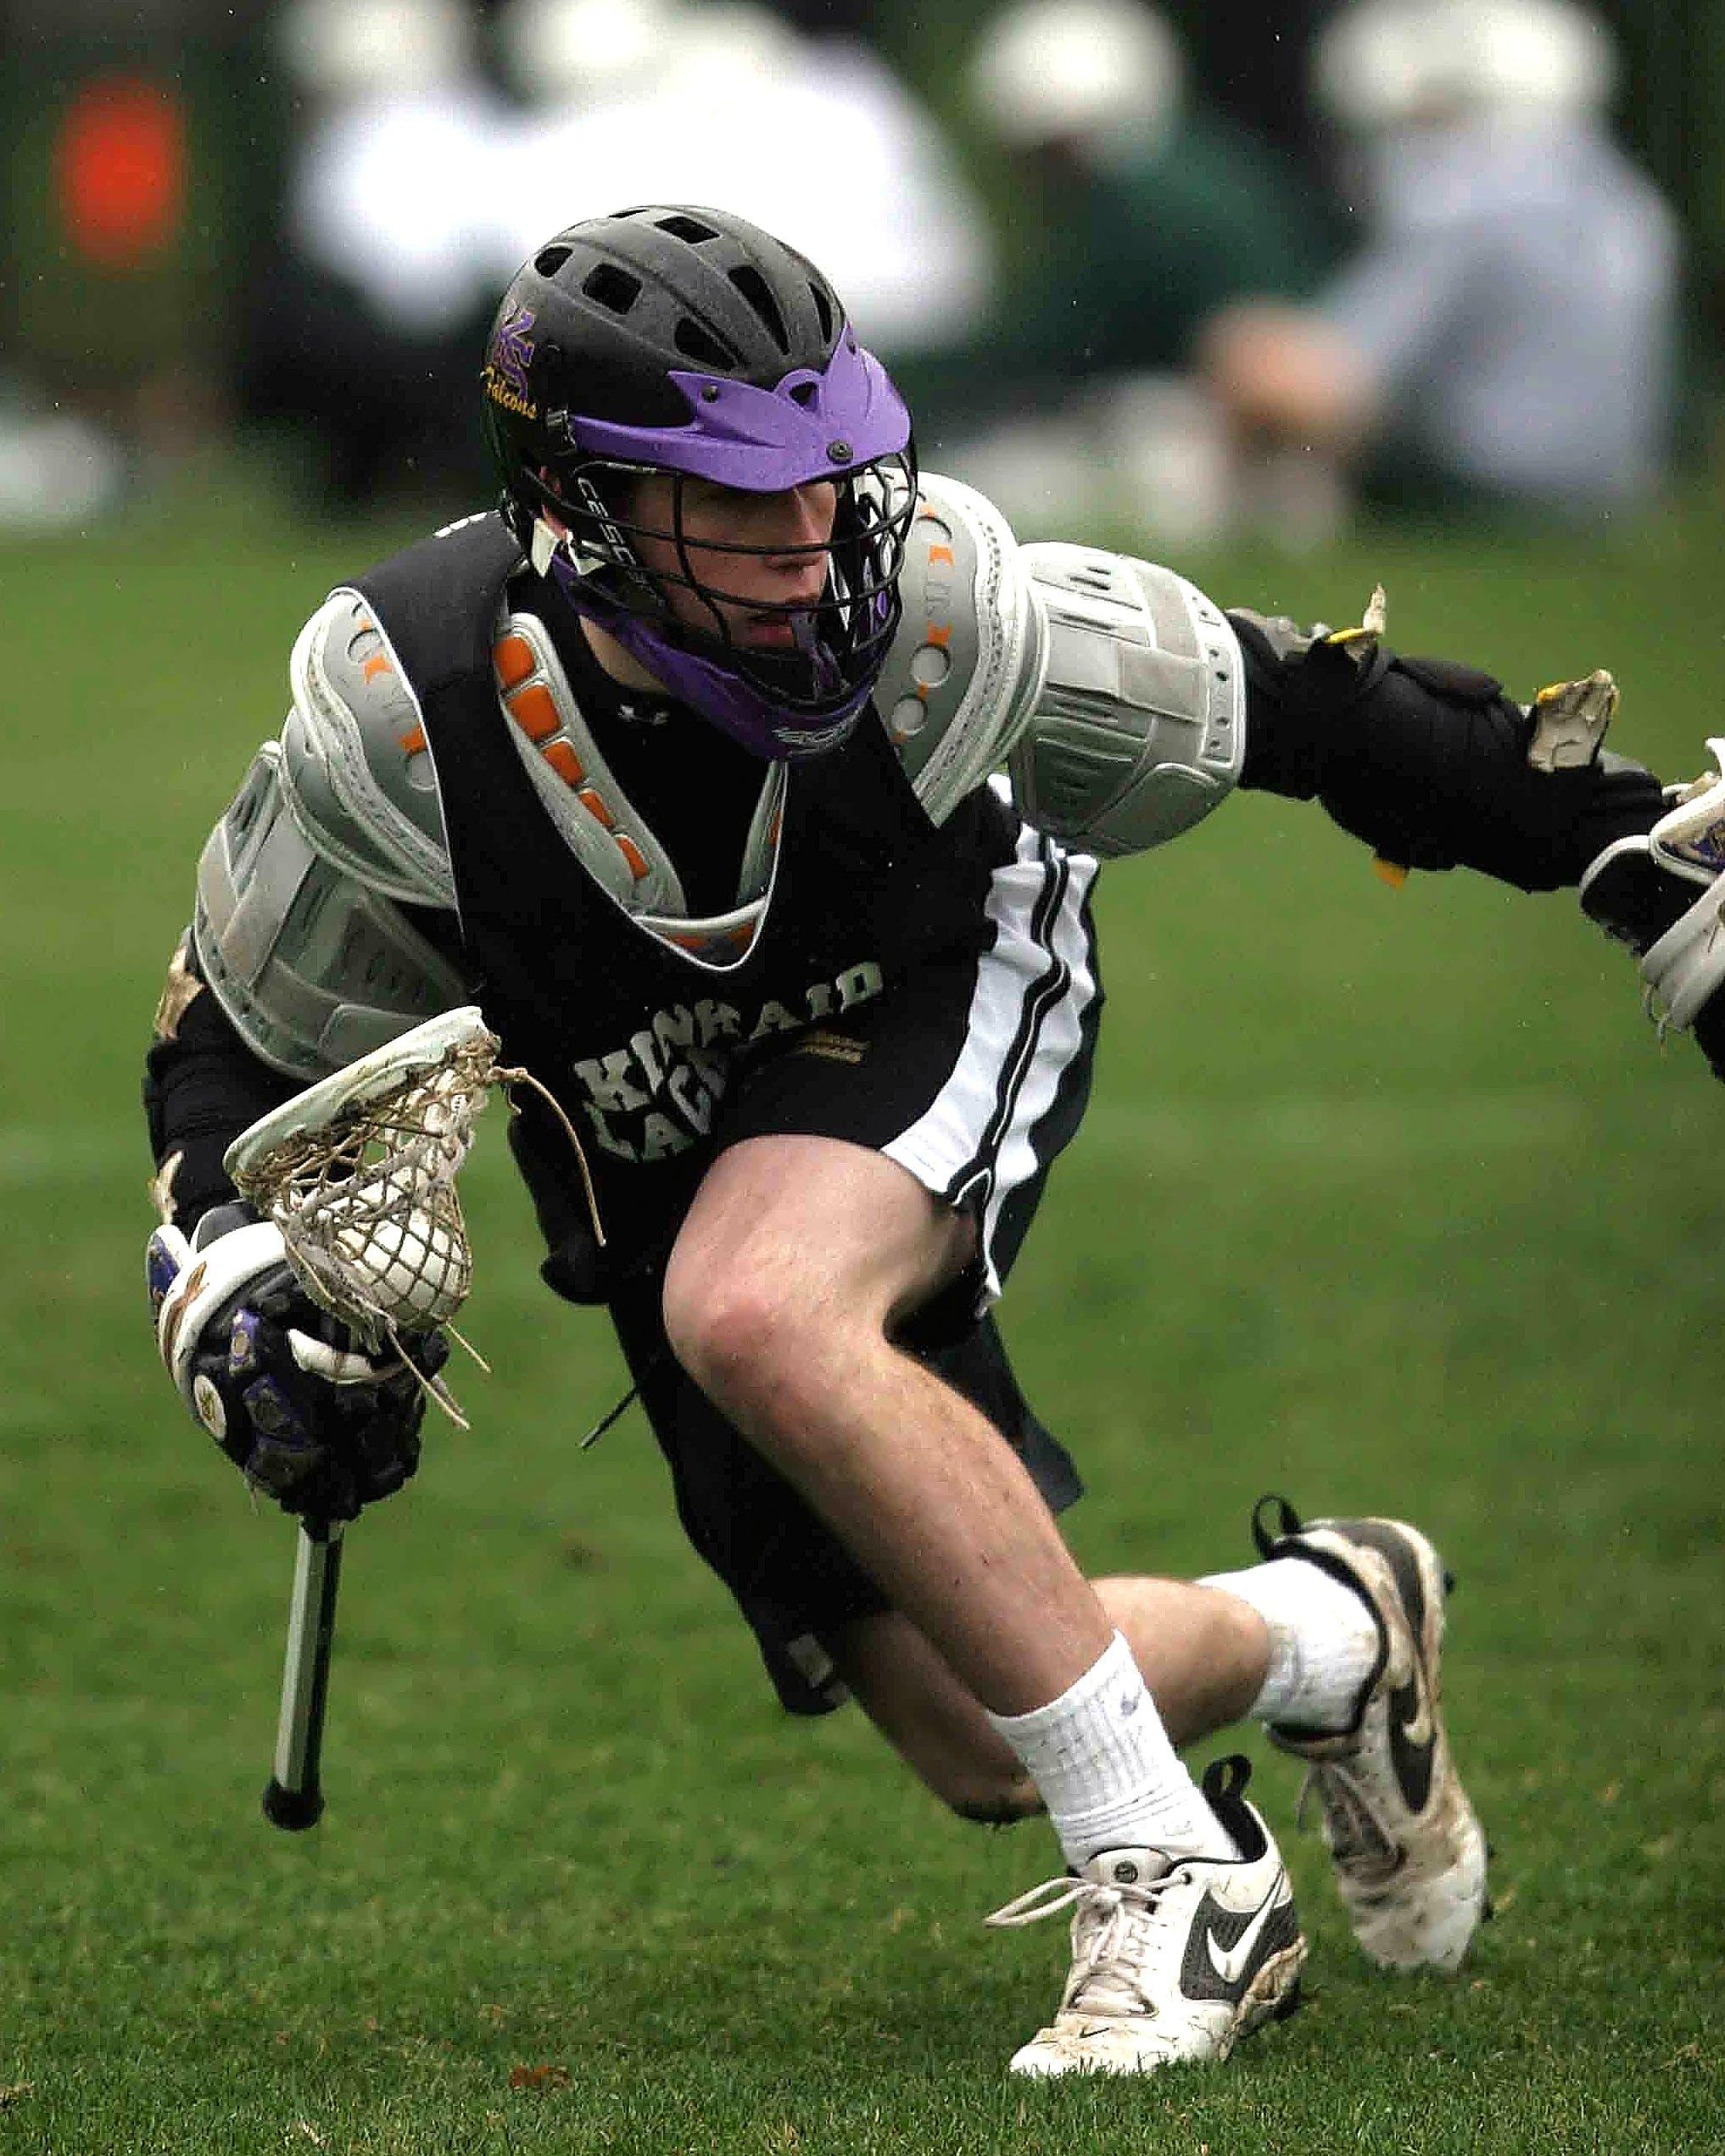 Kostenloses Stock Foto zu action, aktivität, athlet, ball